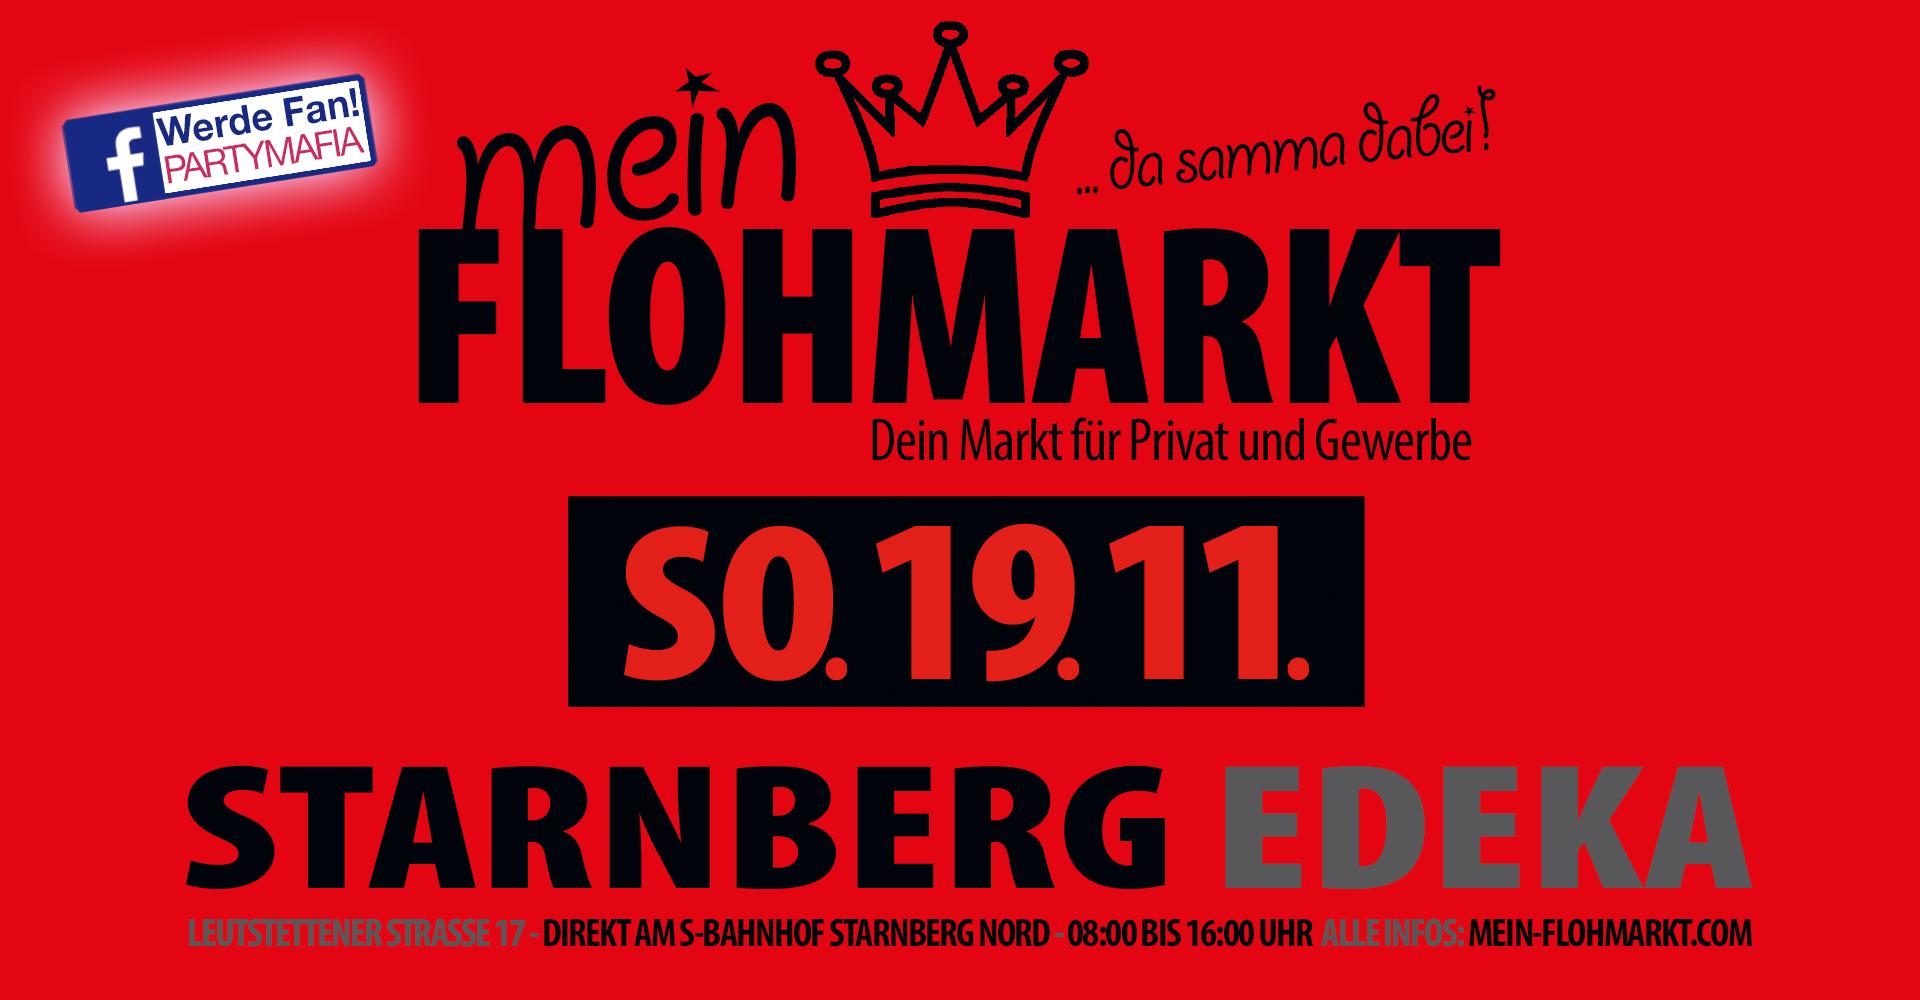 Flohmarkt Starnberg